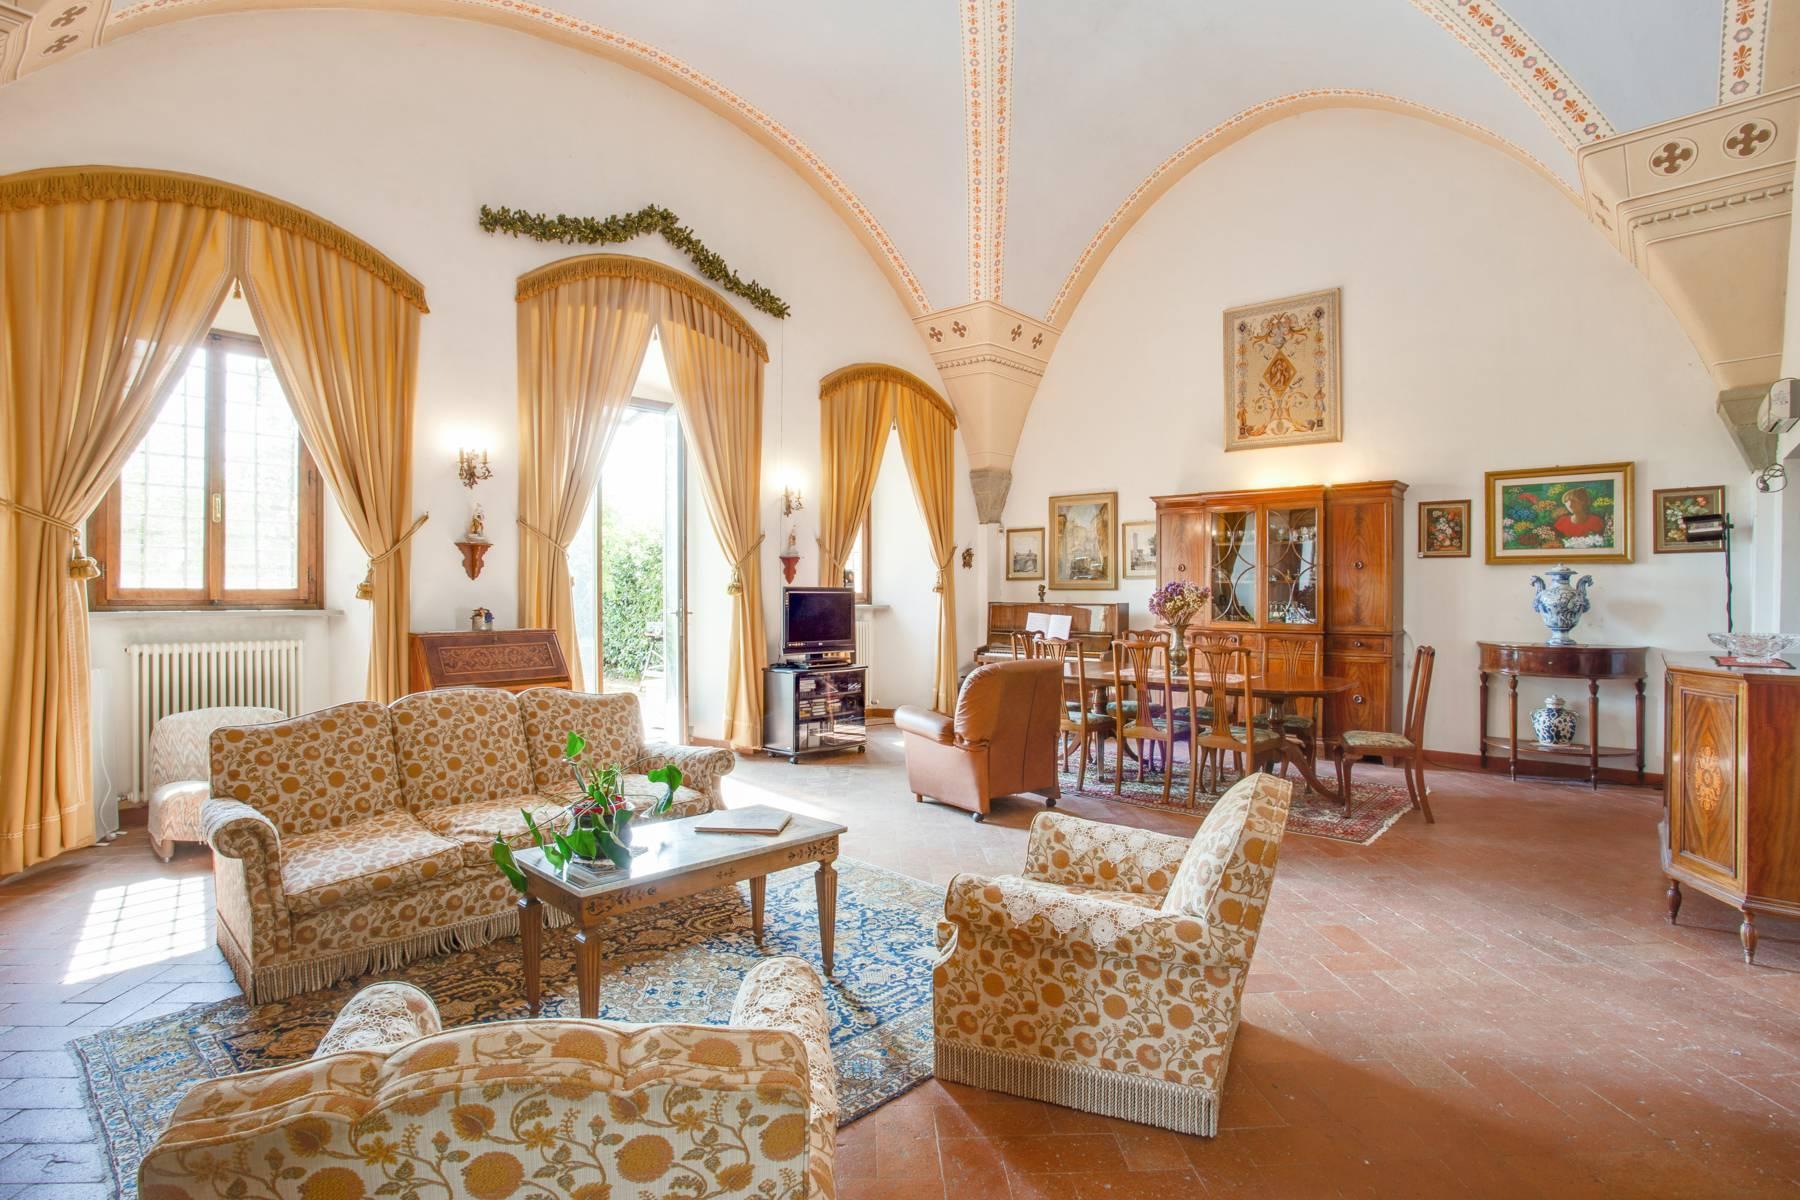 Schöne Wohnung in historischer Villa aus dem 16. Jahrhundert mit Garten - 5